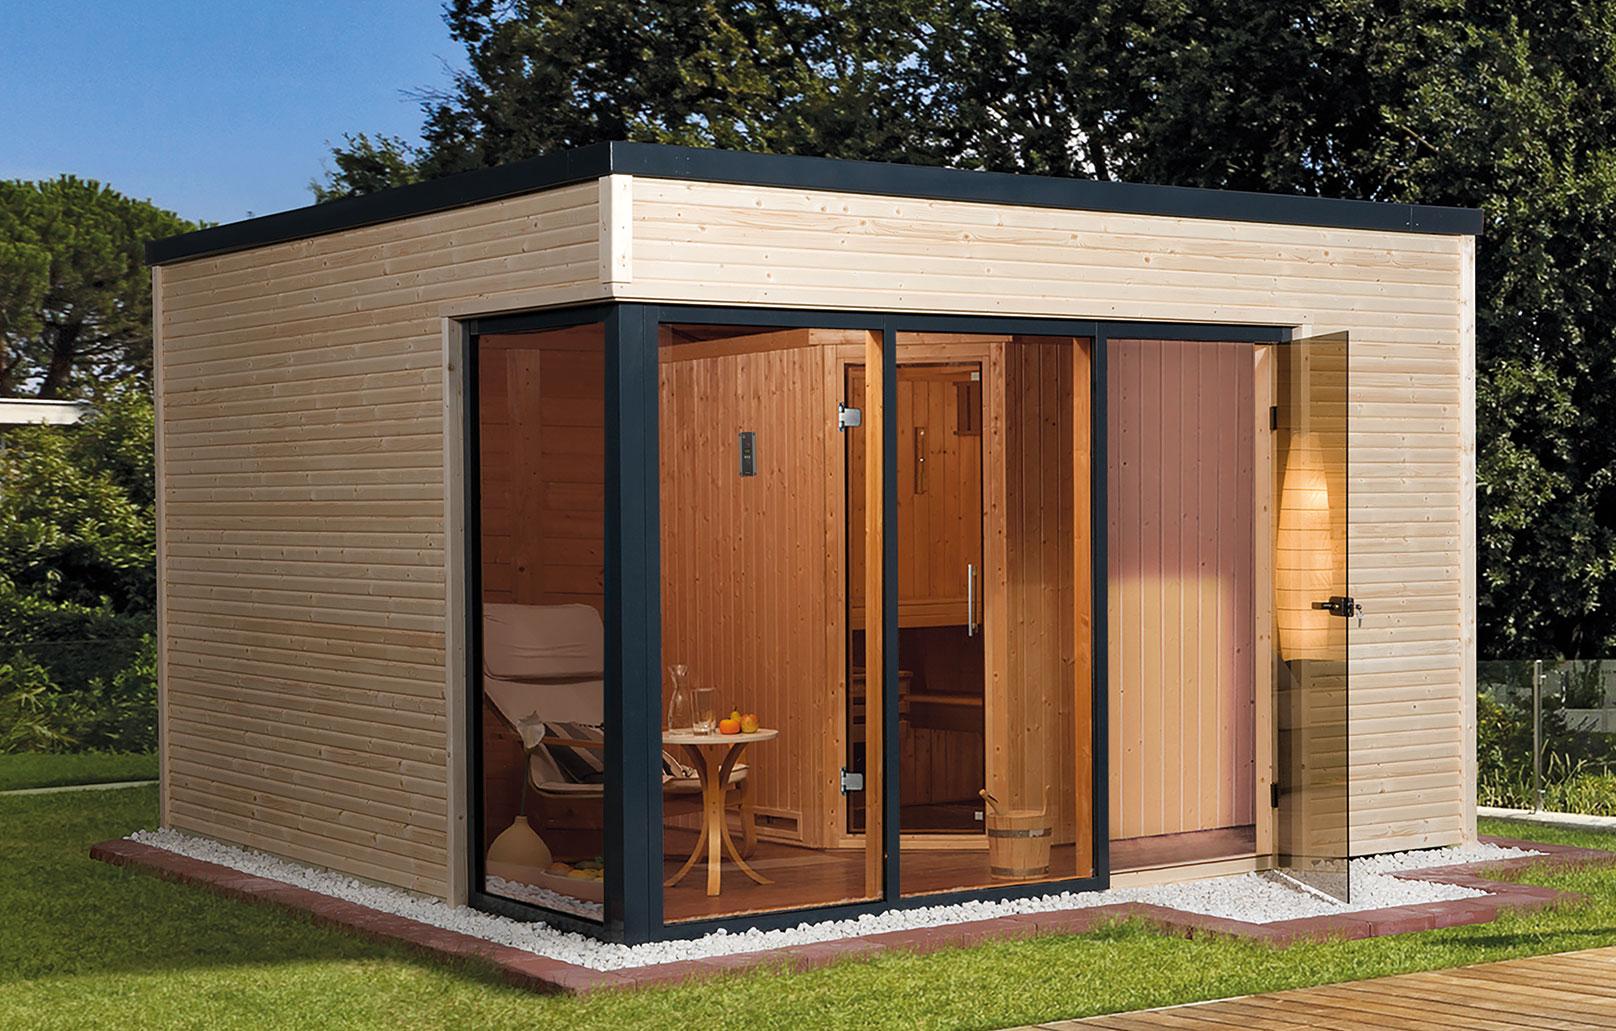 Weka Gartensauna / Design Saunahaus 45mm Cubilis ohne Saunaofen Bild 1